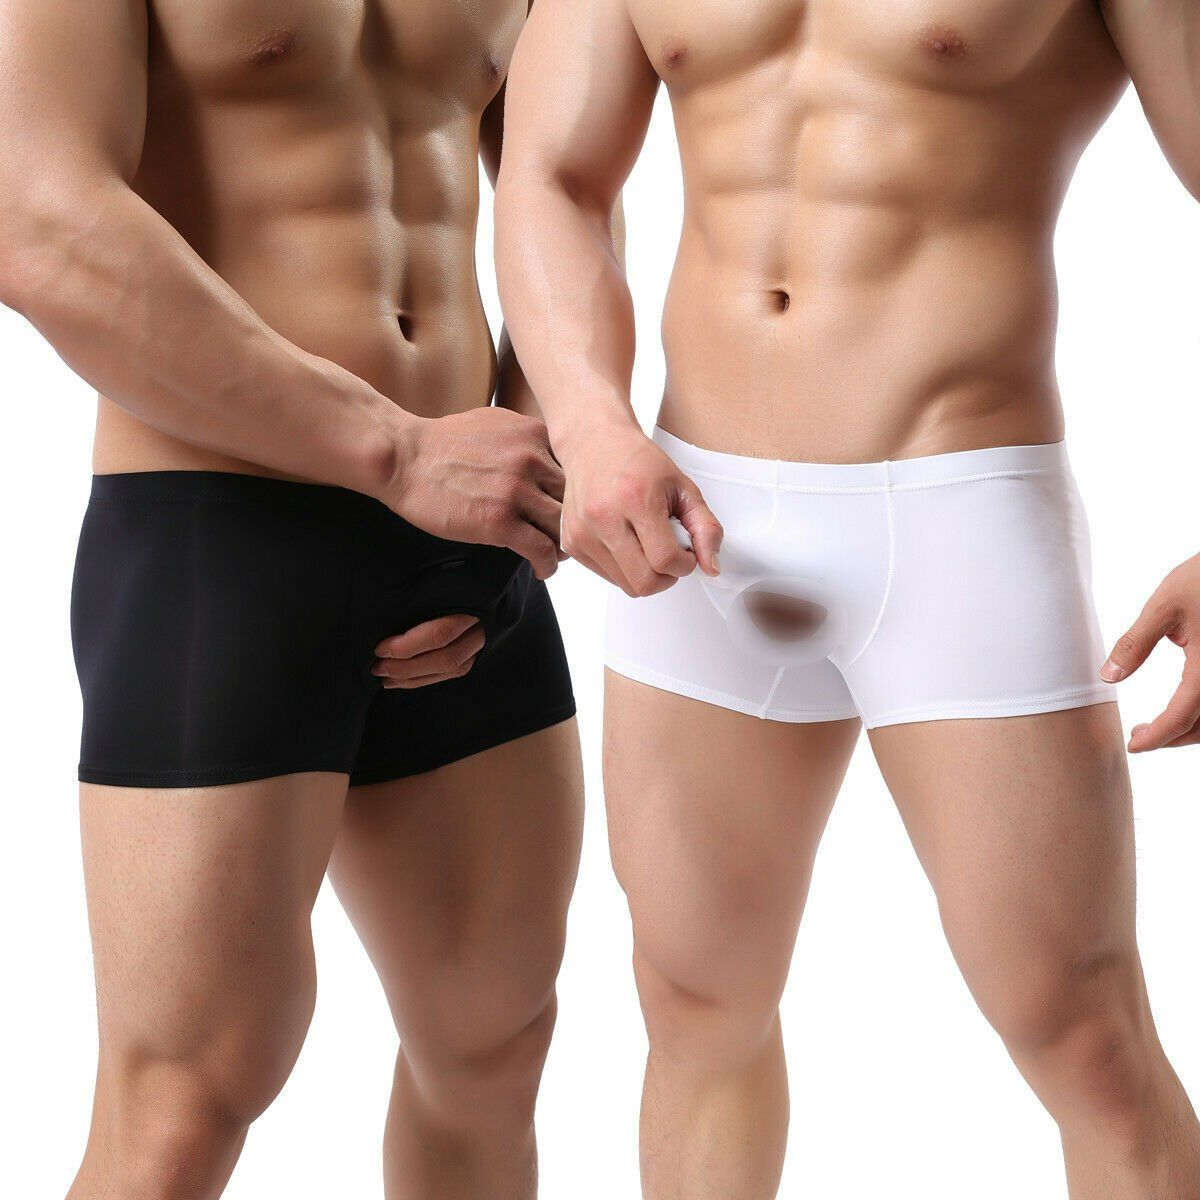 Bulges fetish sports underwear